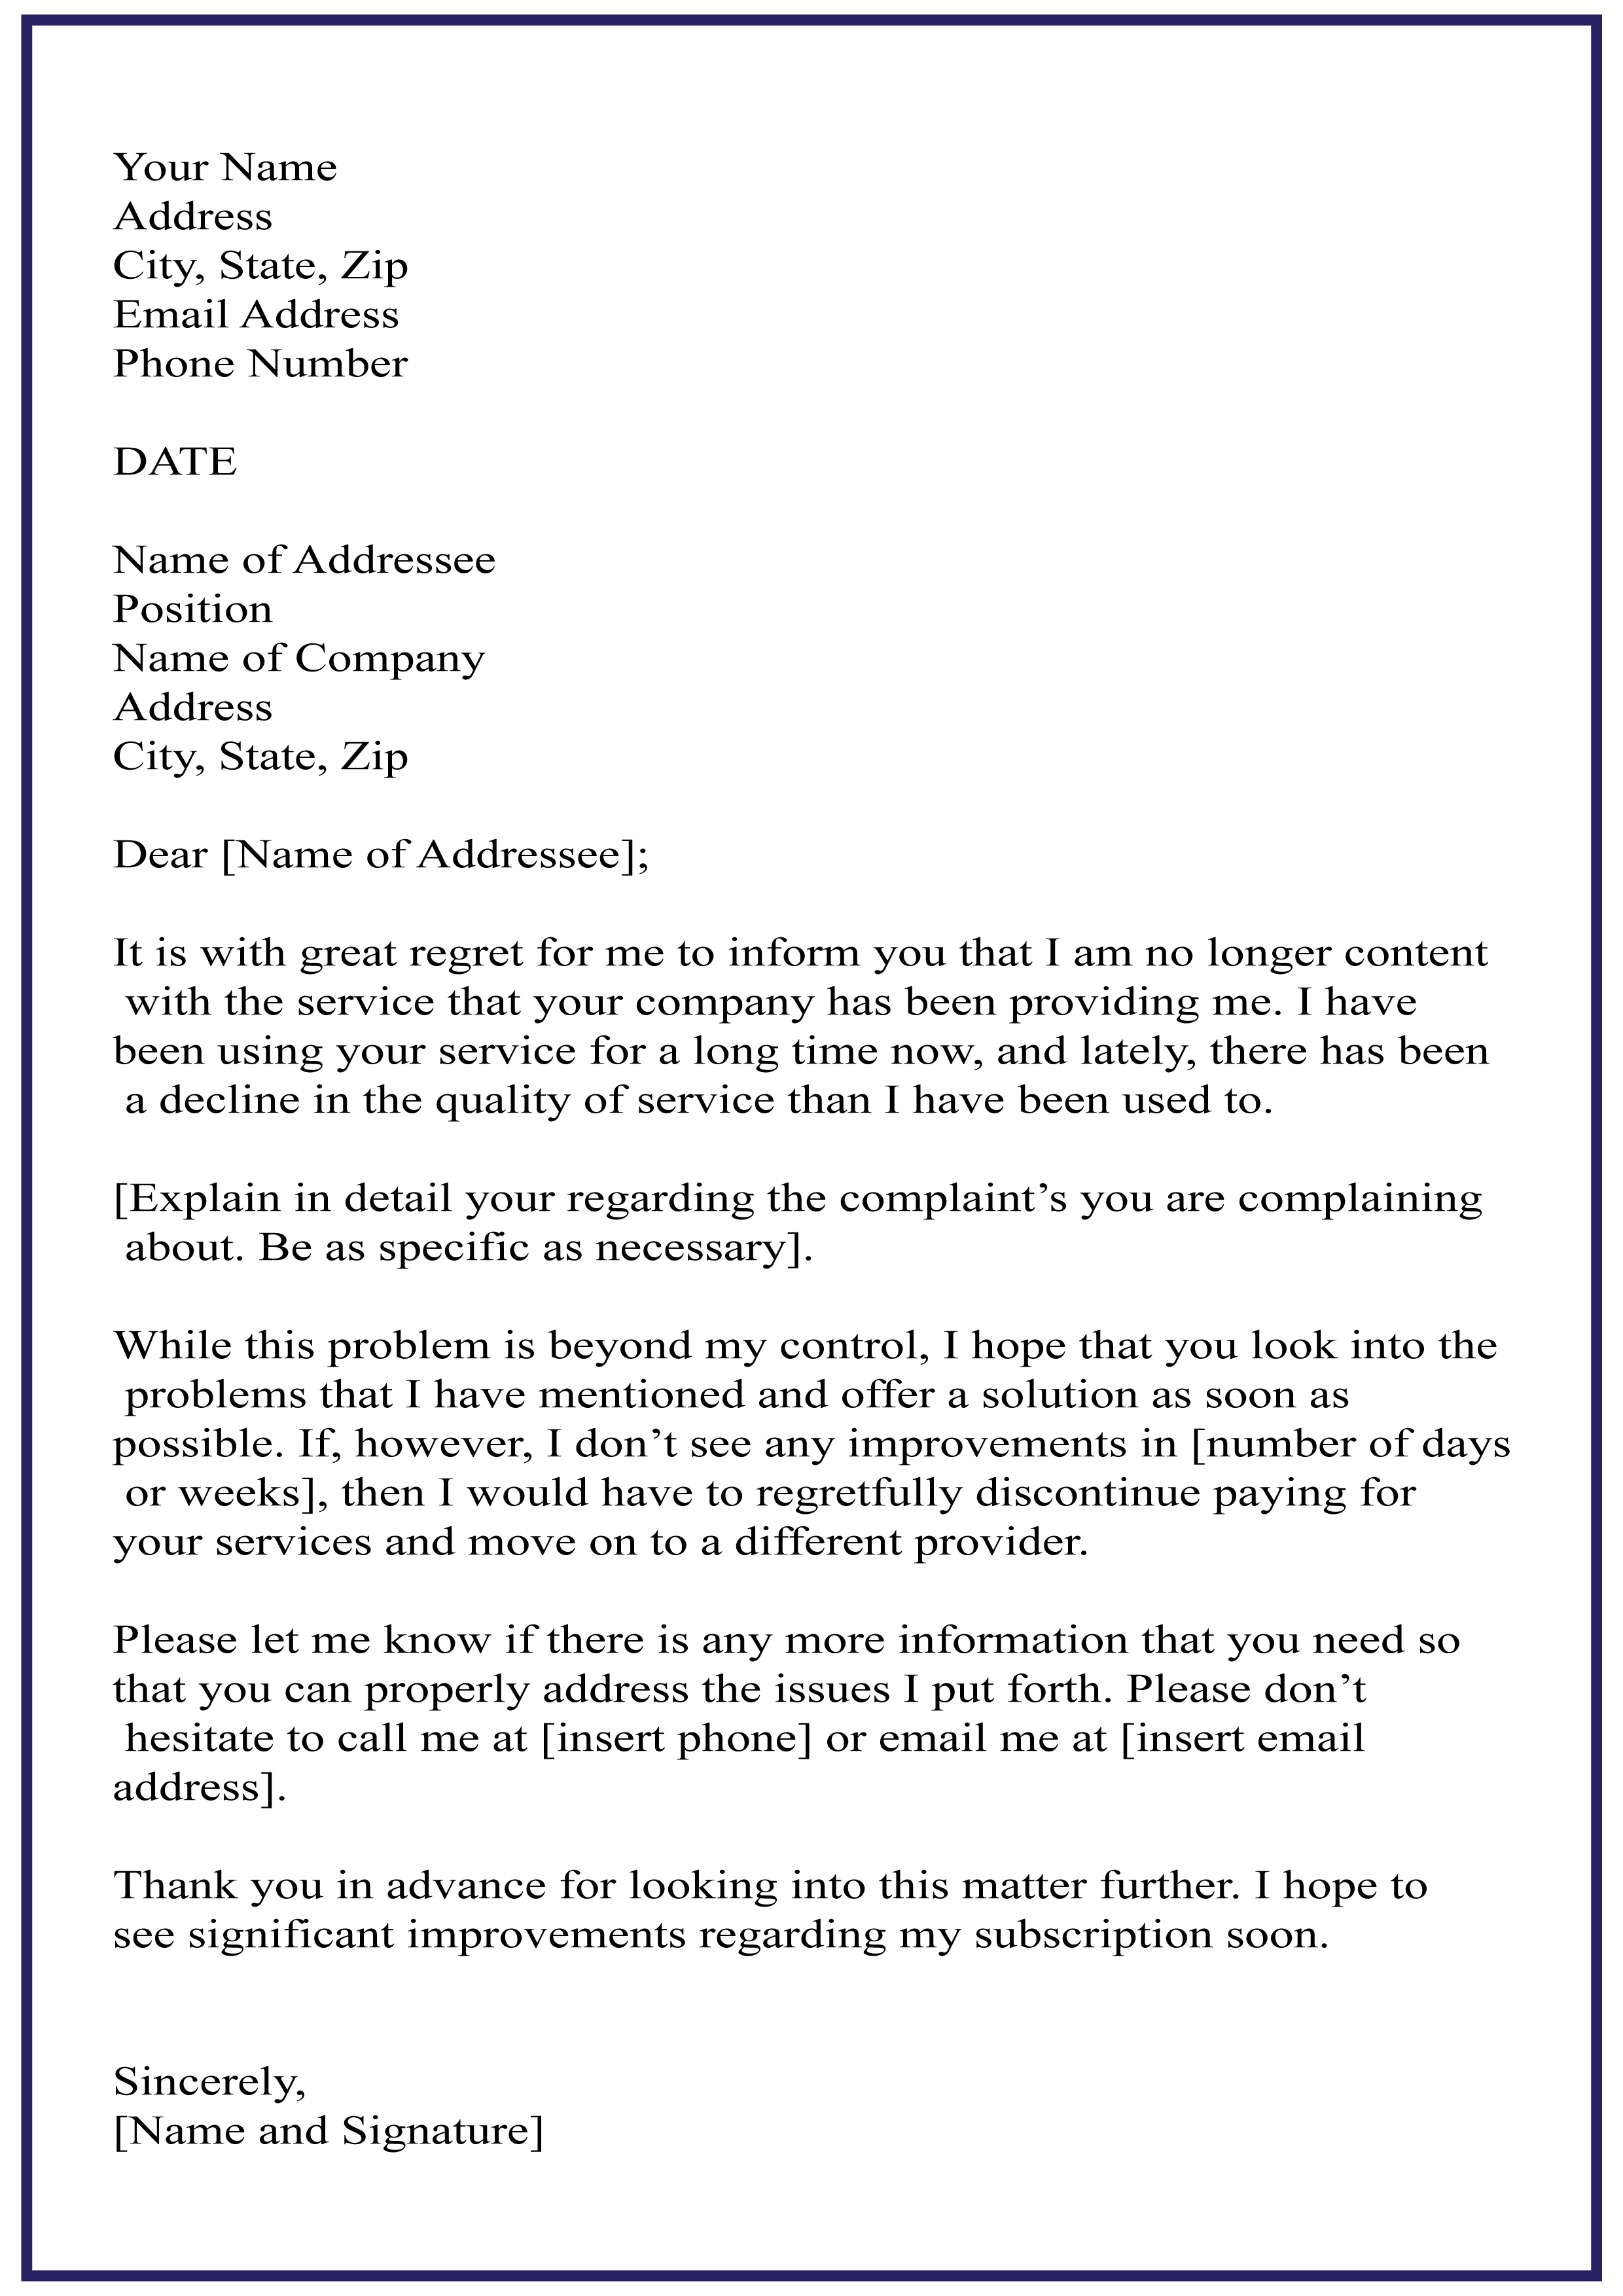 Complaint Letter 9-12 (1)